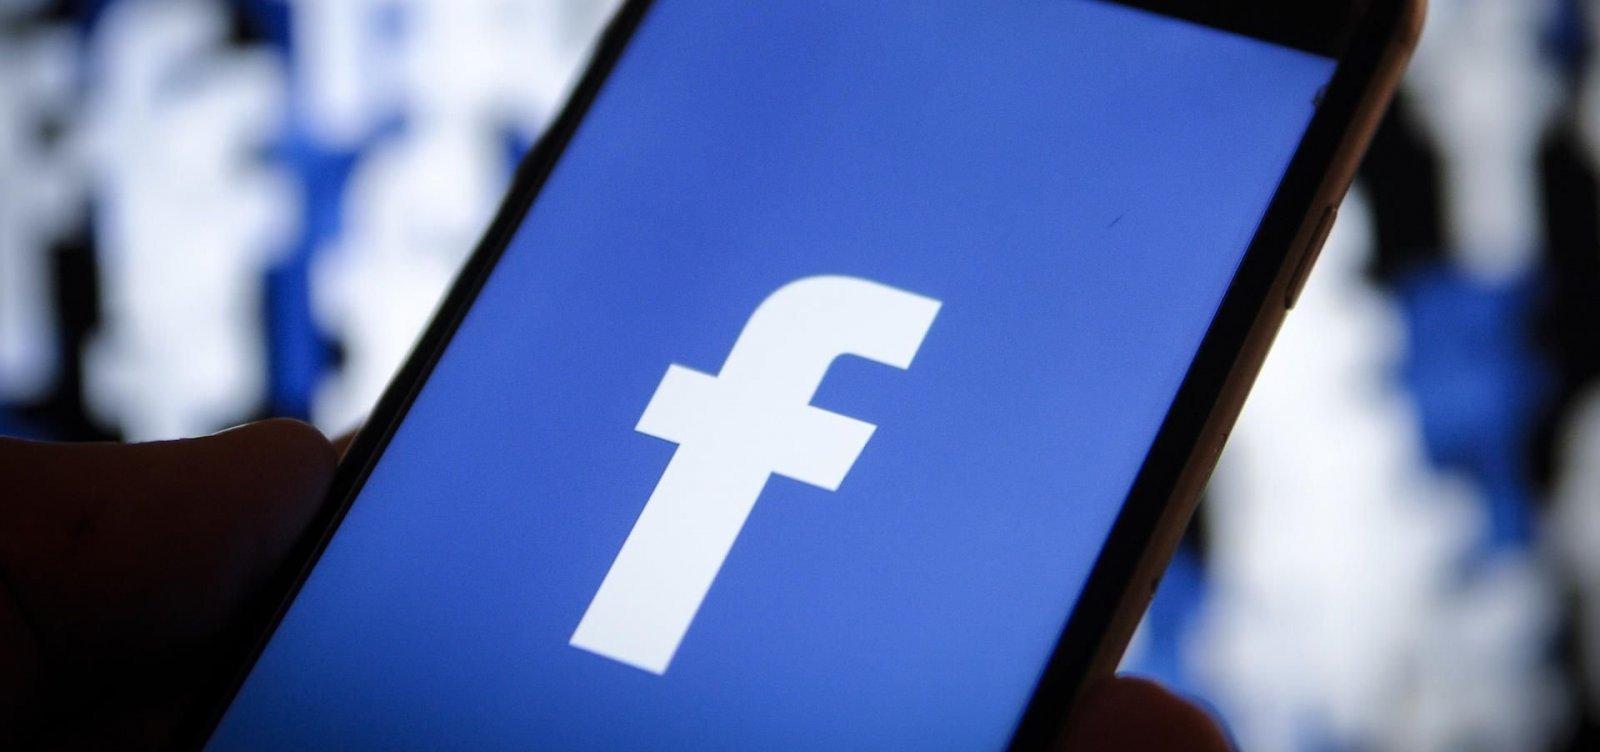 Facebook faz testes e reduz disseminação de conteúdo político para brasileiros